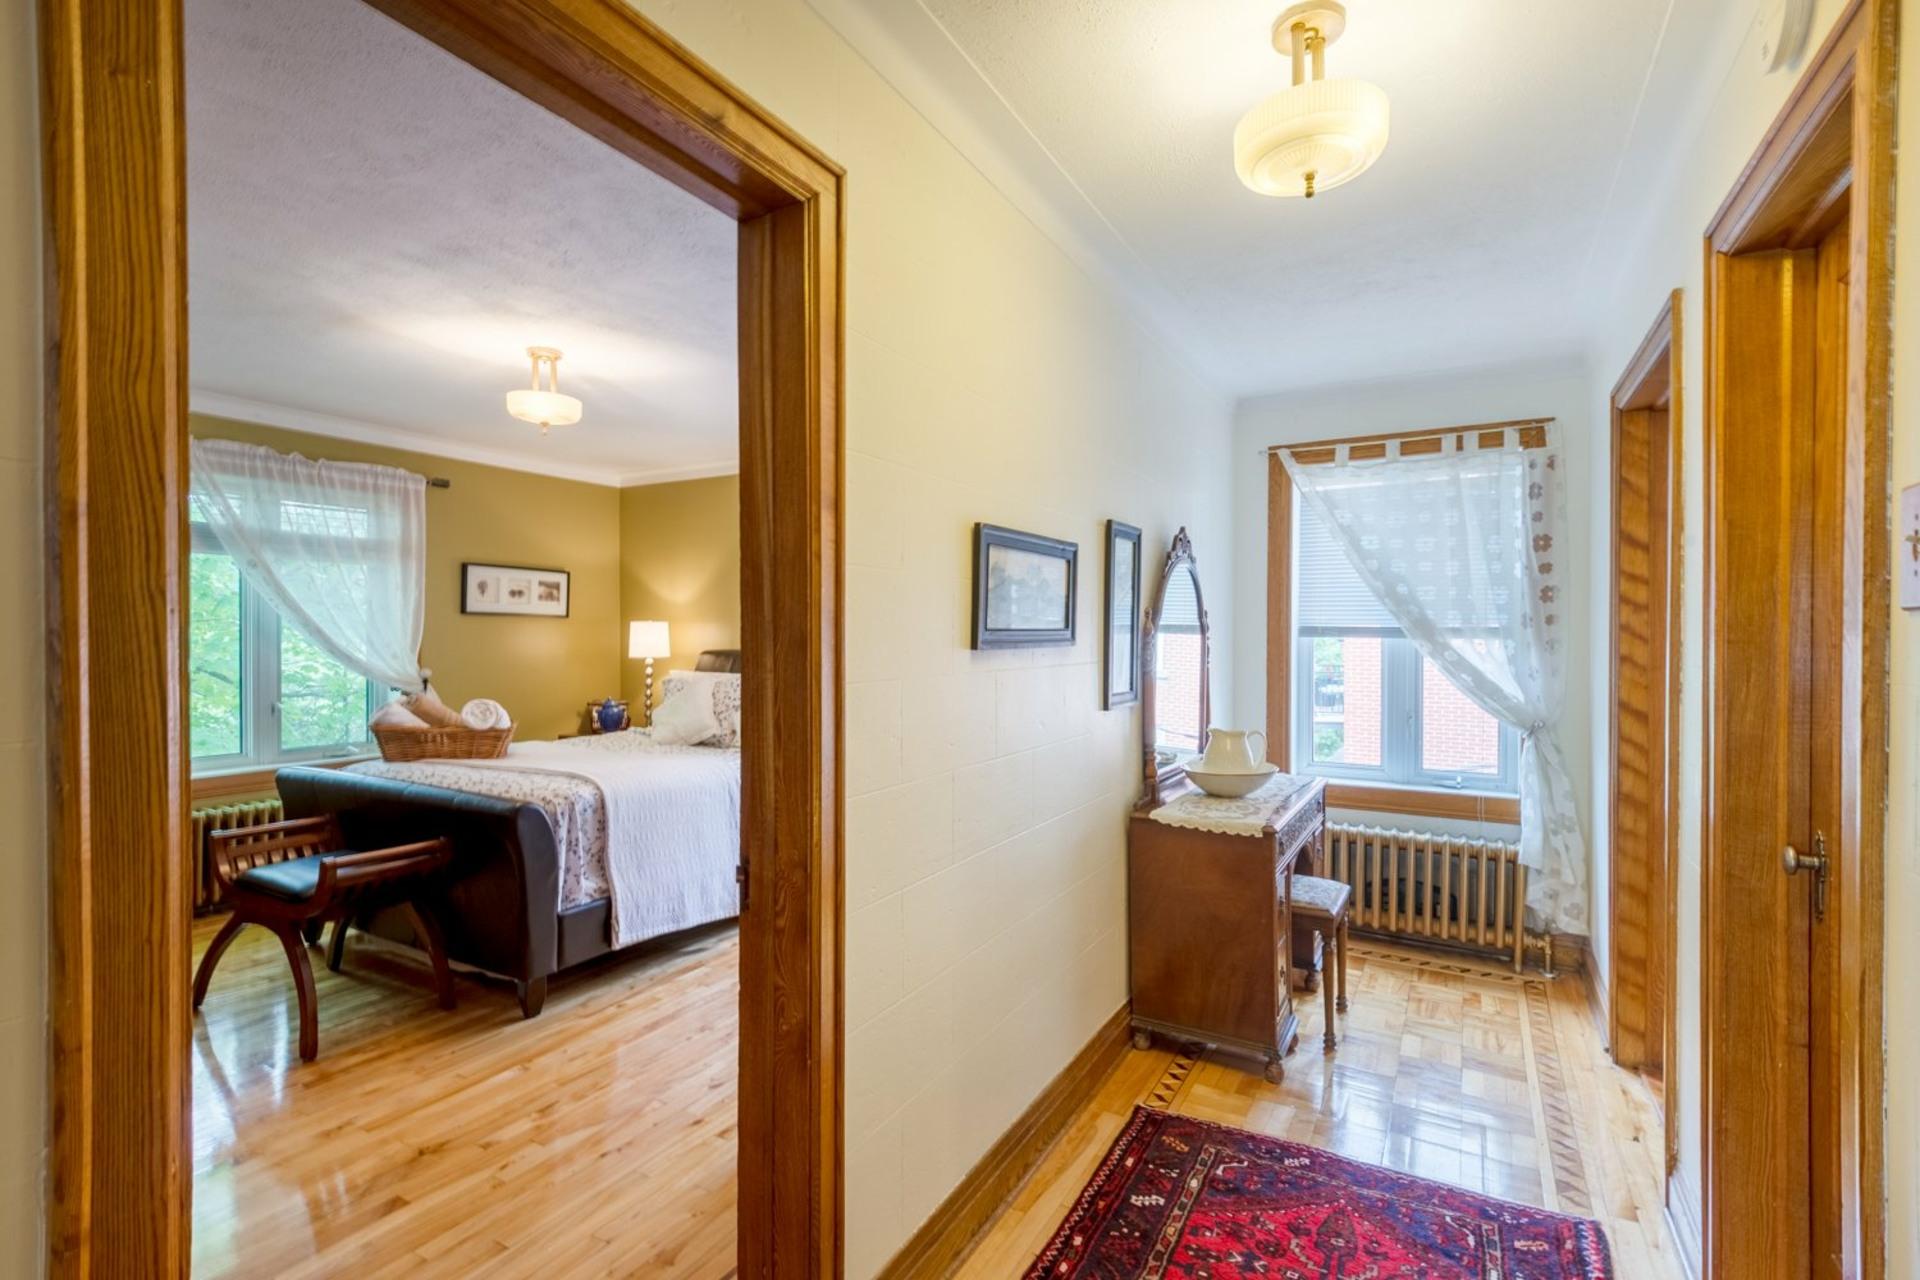 image 11 - Duplex For sale Sainte-Anne-de-Bellevue - 6 rooms